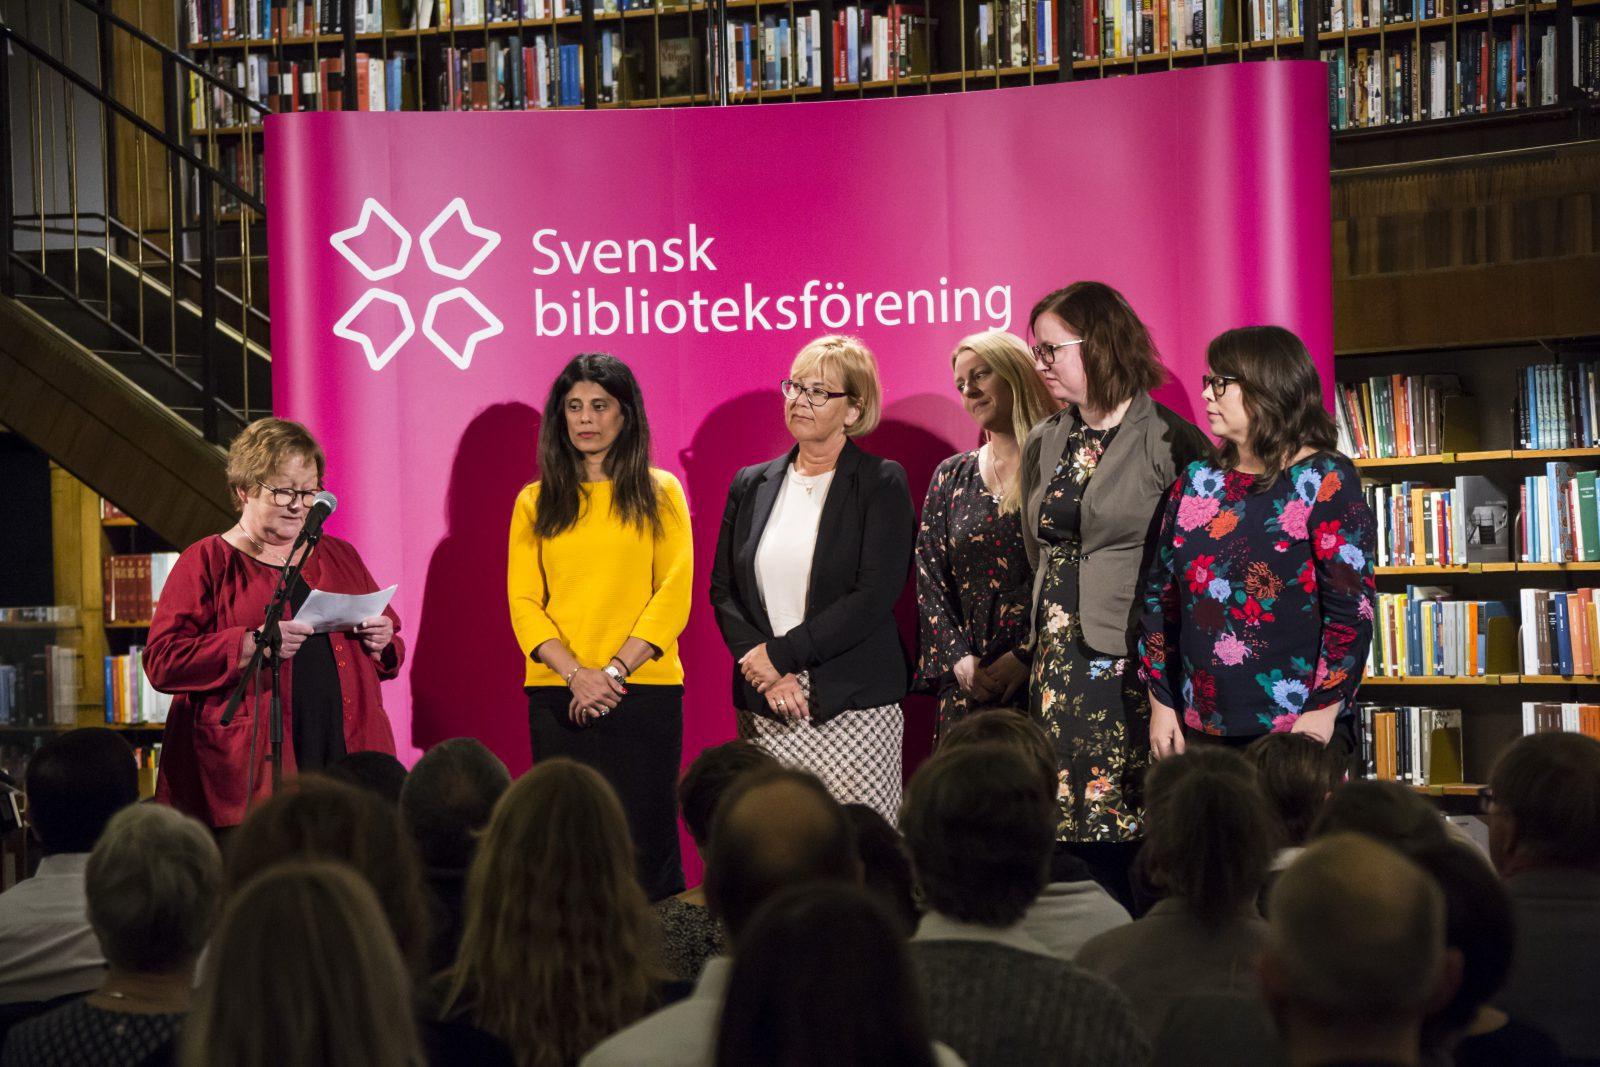 Sex personer står på en scen, en läser från ett papper medan de andra lyssnar.